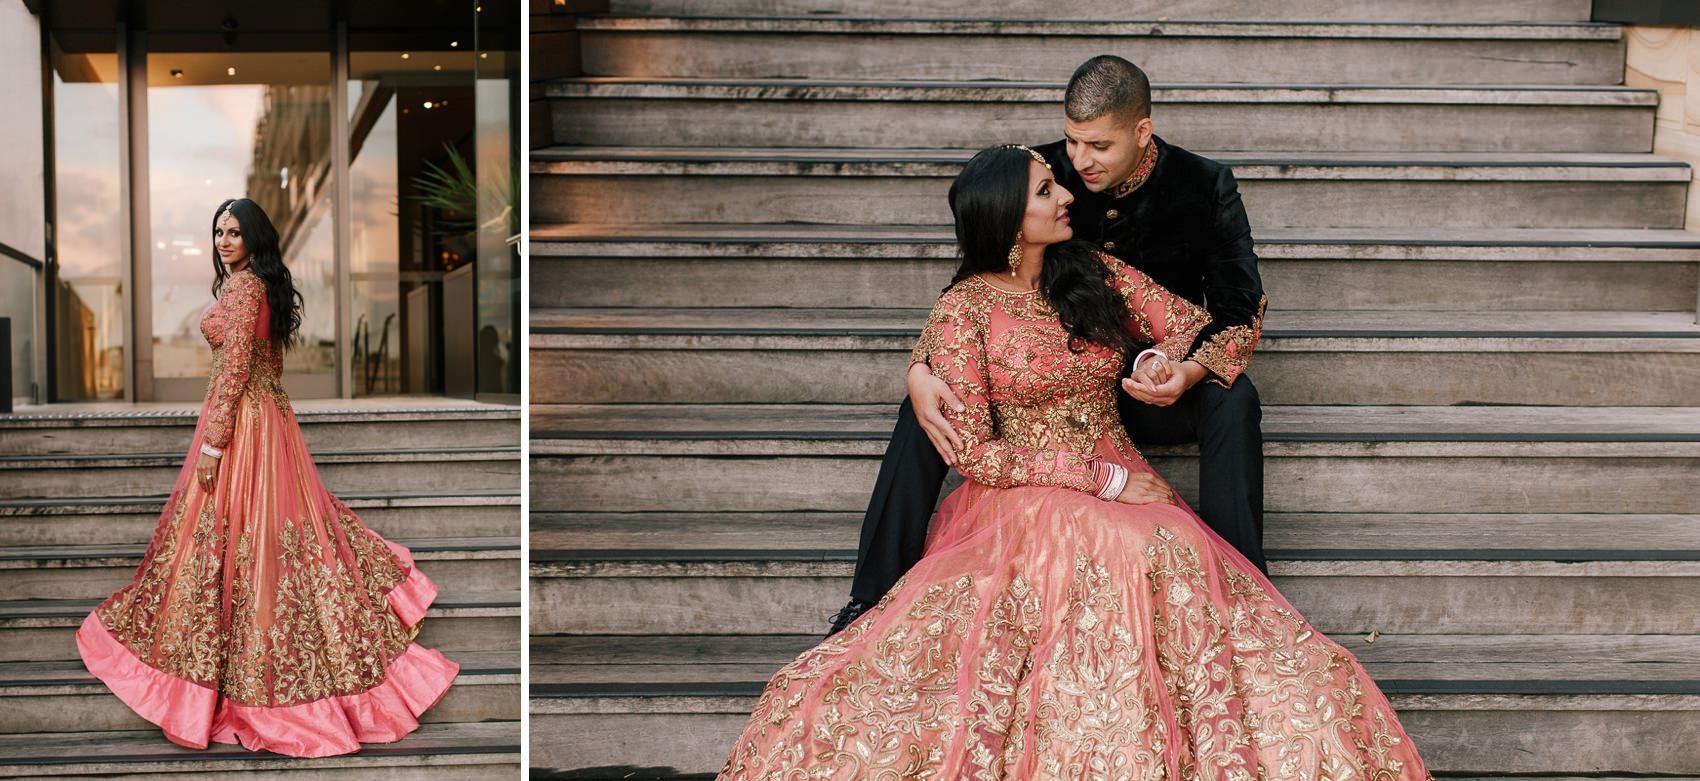 Indian-Wedding-Photography-Maala-Rohan_0298